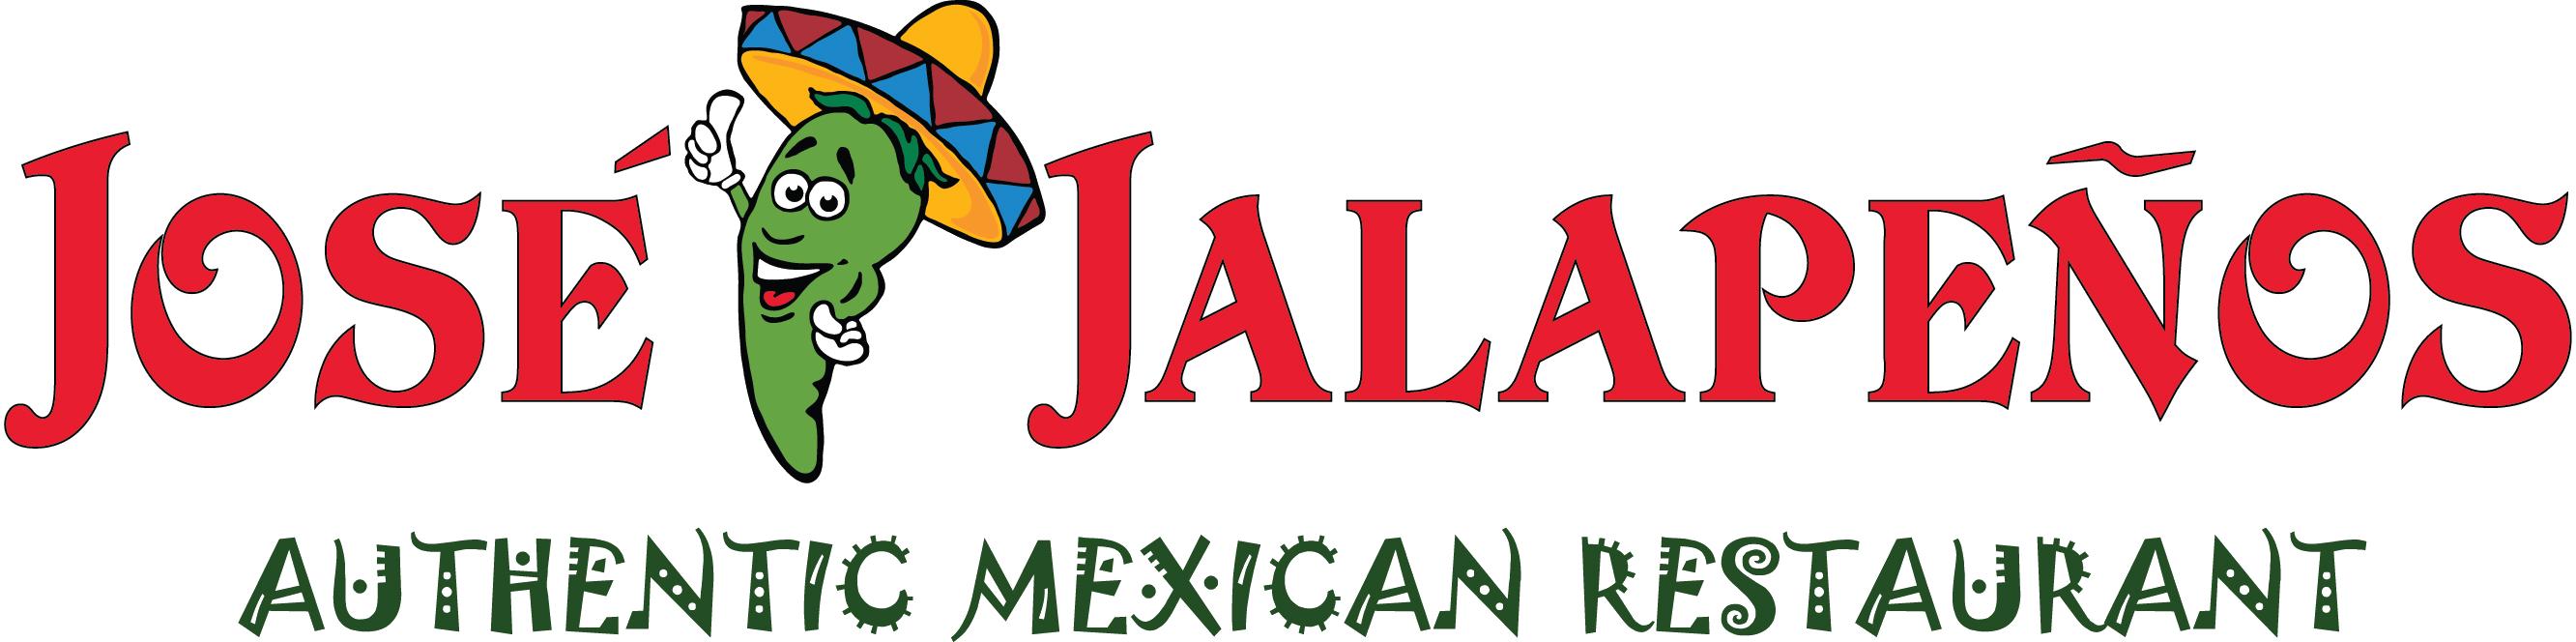 Jose Jalapenos | Mexican Restaurants Columbia MO | José